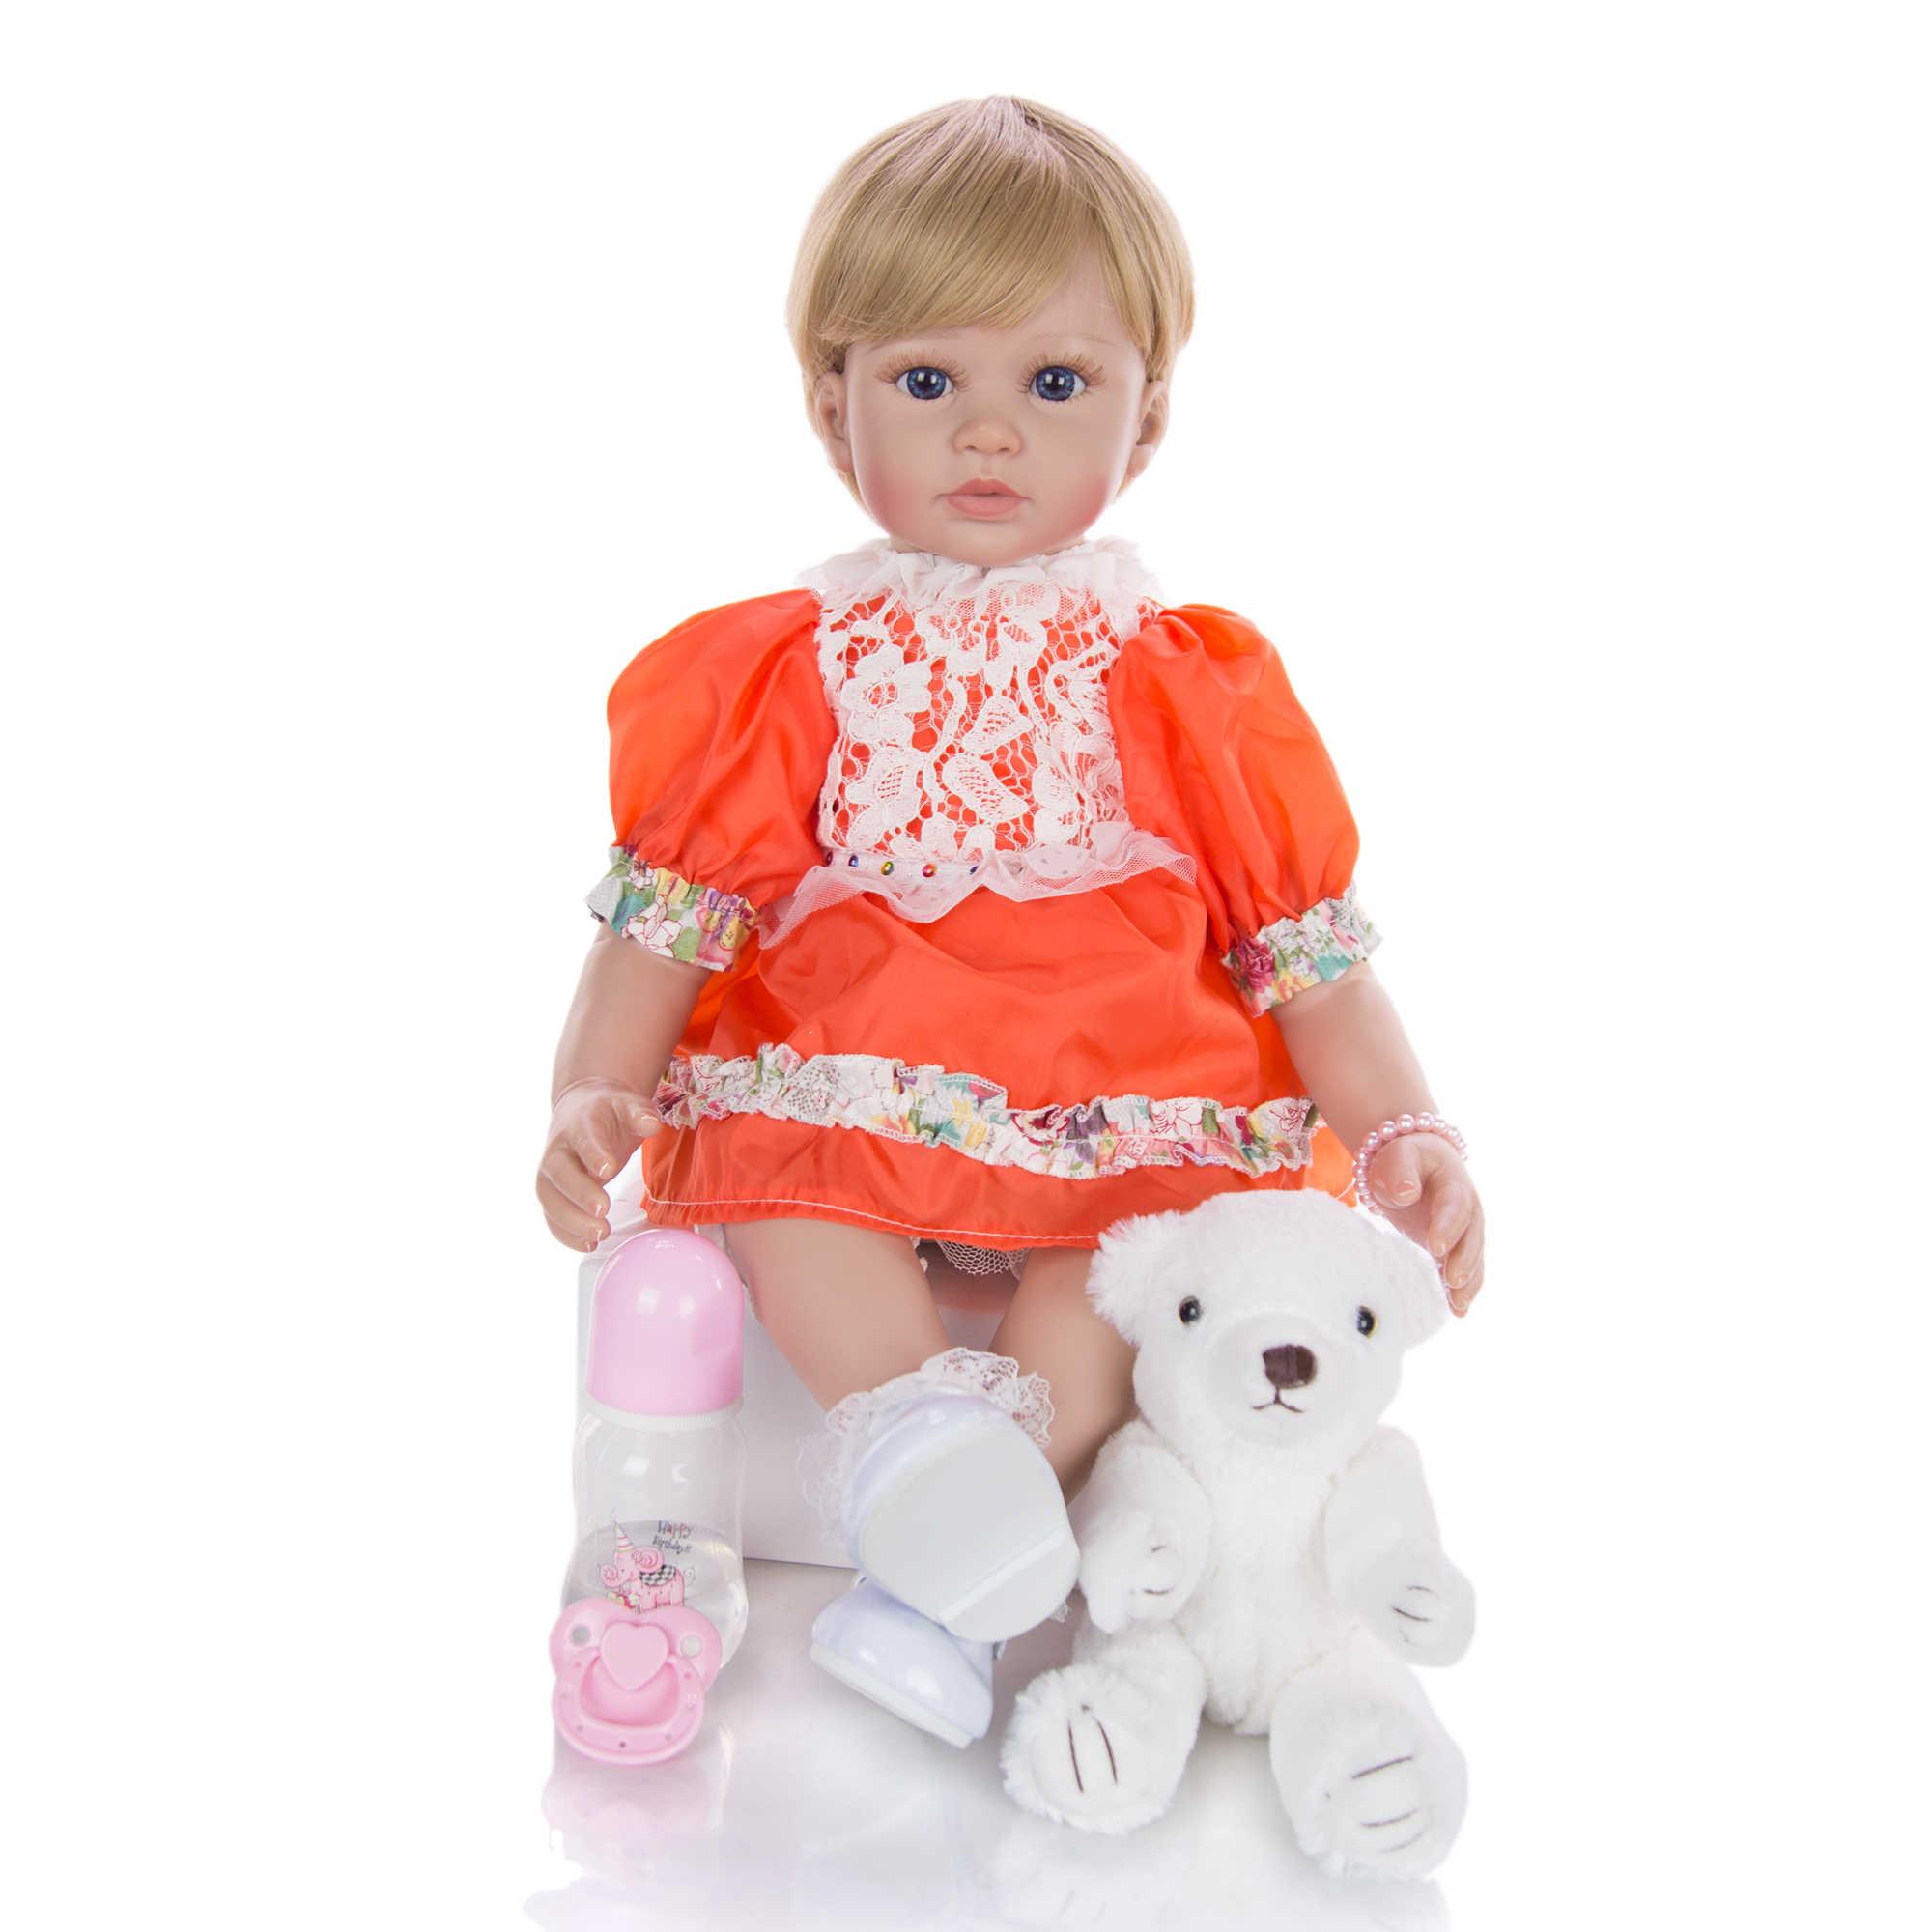 KEIUMI 60 سنتيمتر نابض بالحياة دمية تولد من جديد Bonecas PP القطن الجسم واقعية الوليد الأميرة الطفل دمى للأطفال هدايا عيد الميلاد